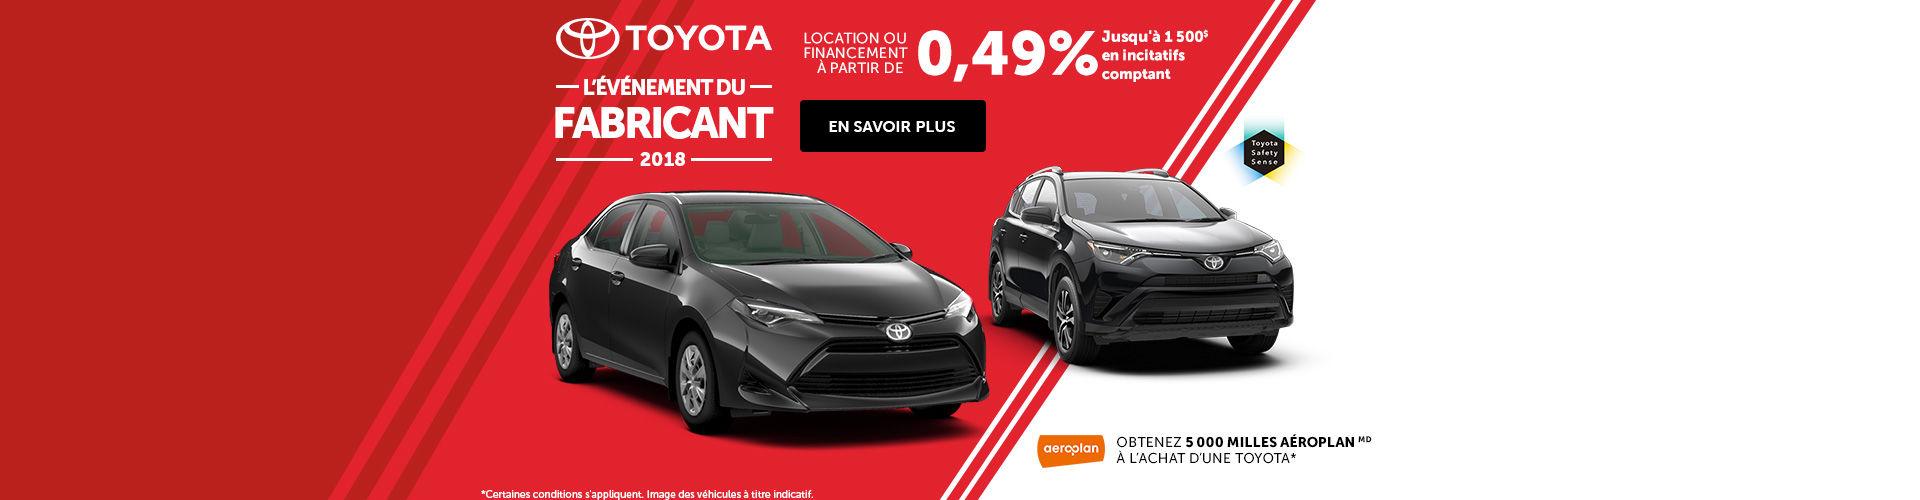 L'événement du fabricant de Toyota